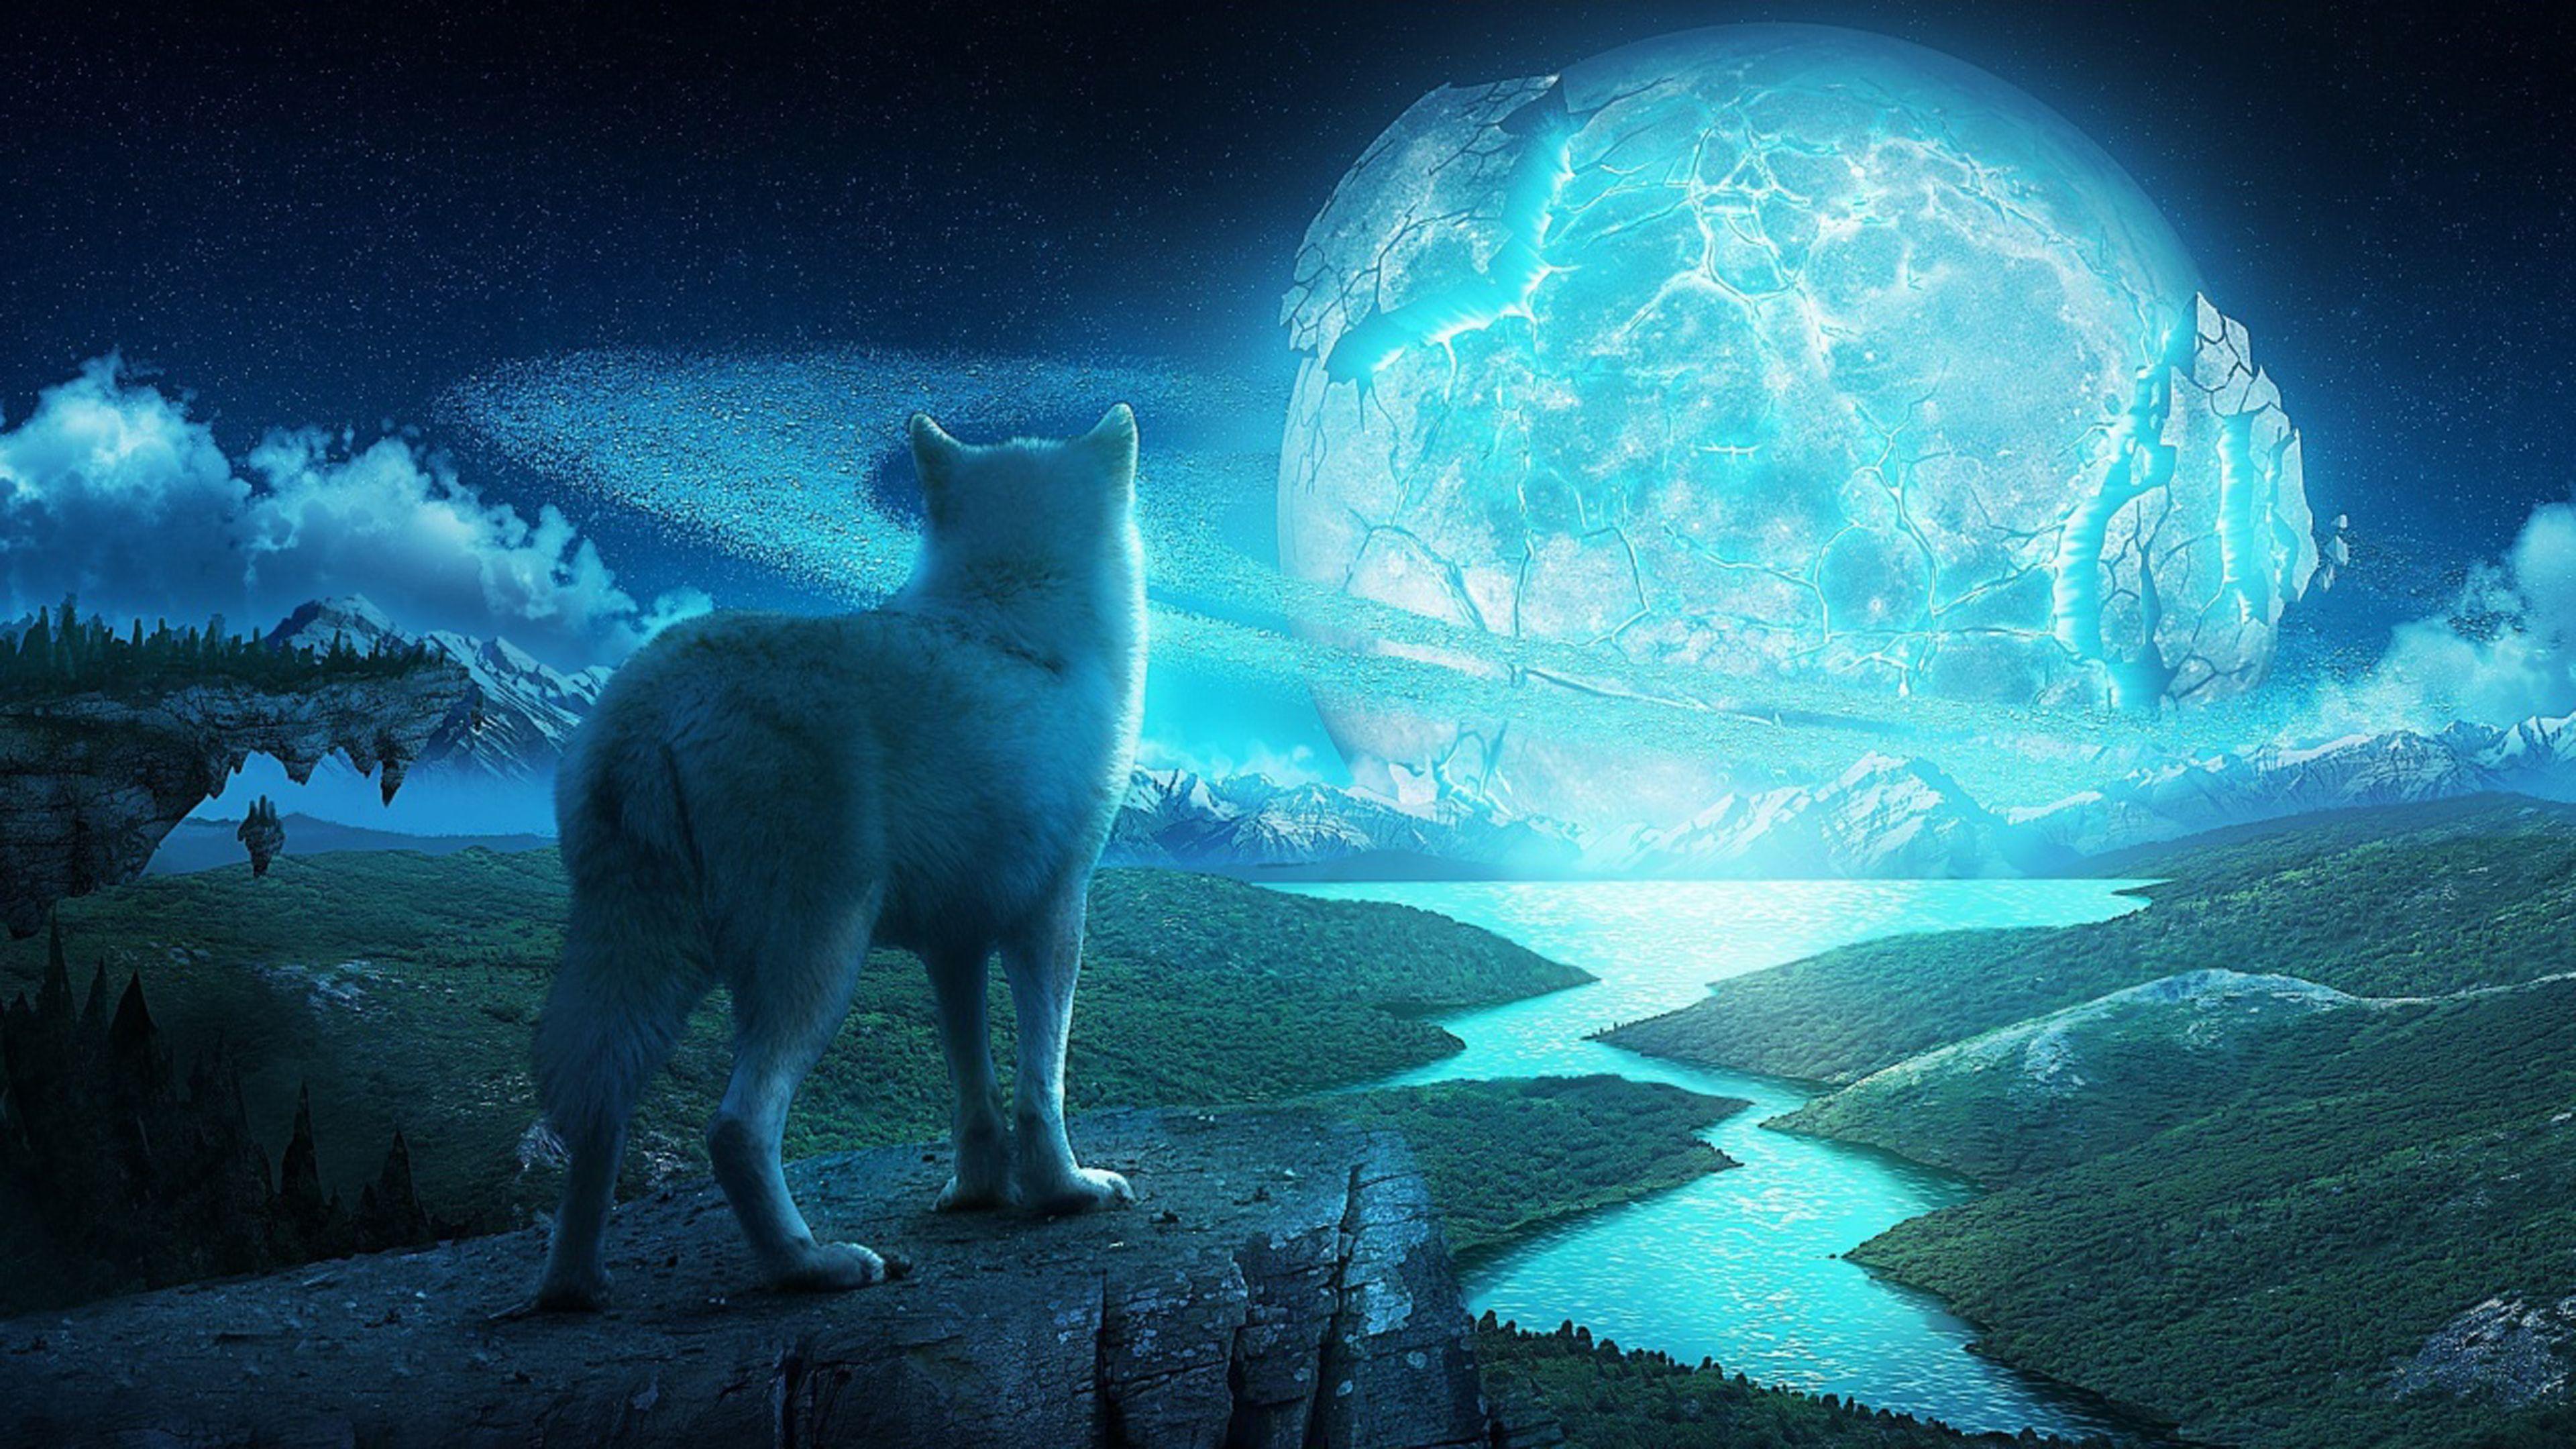 Wolf In A Fantasy World Ultra Hd 4k Wallpaper Wolf Background Wolf Wallpaper Fantasy Wolf